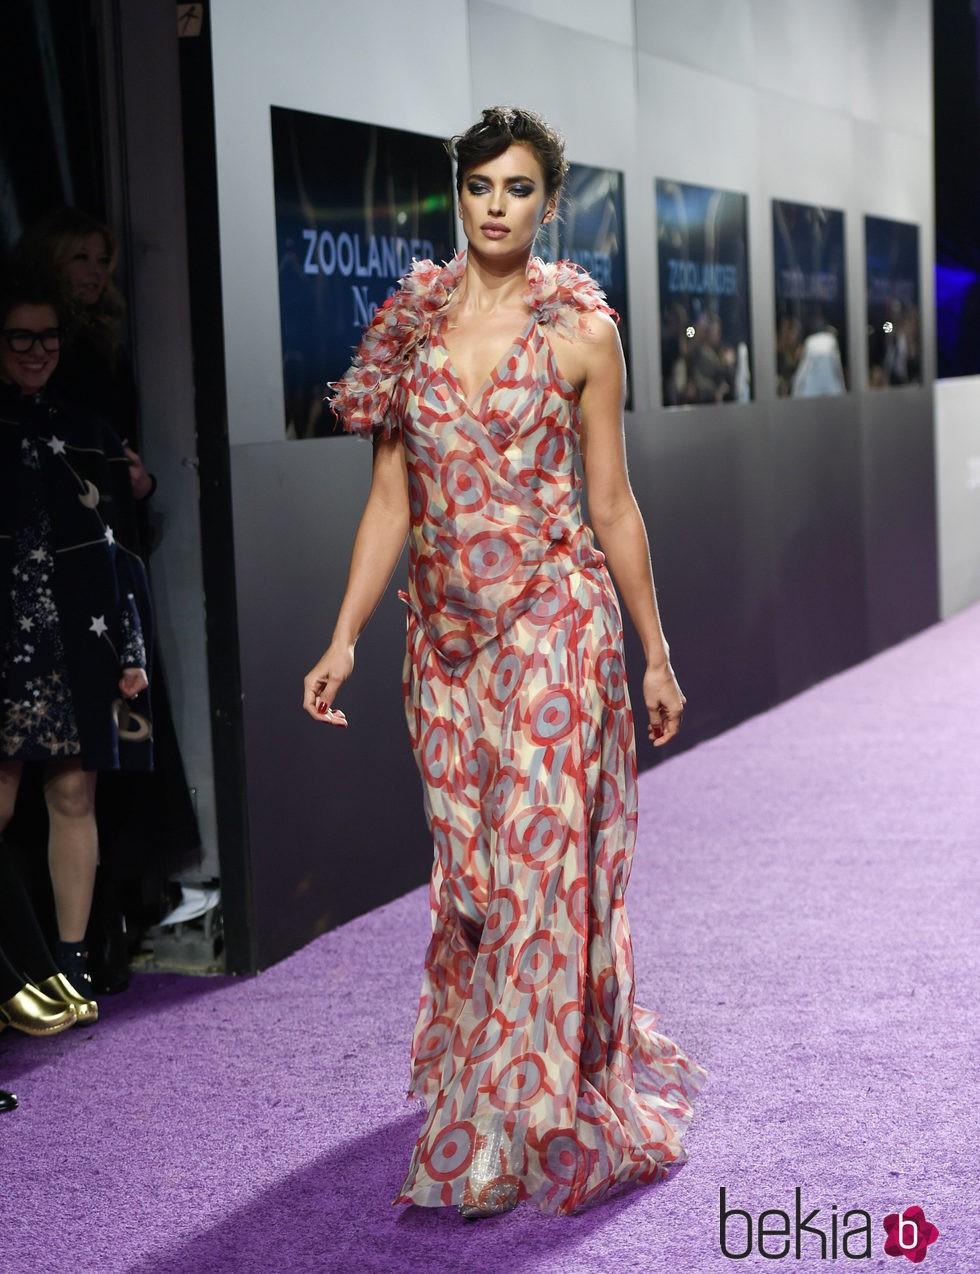 Irina Shayk desfilando en el estreno de 'Zoolander 2' en Nueva York